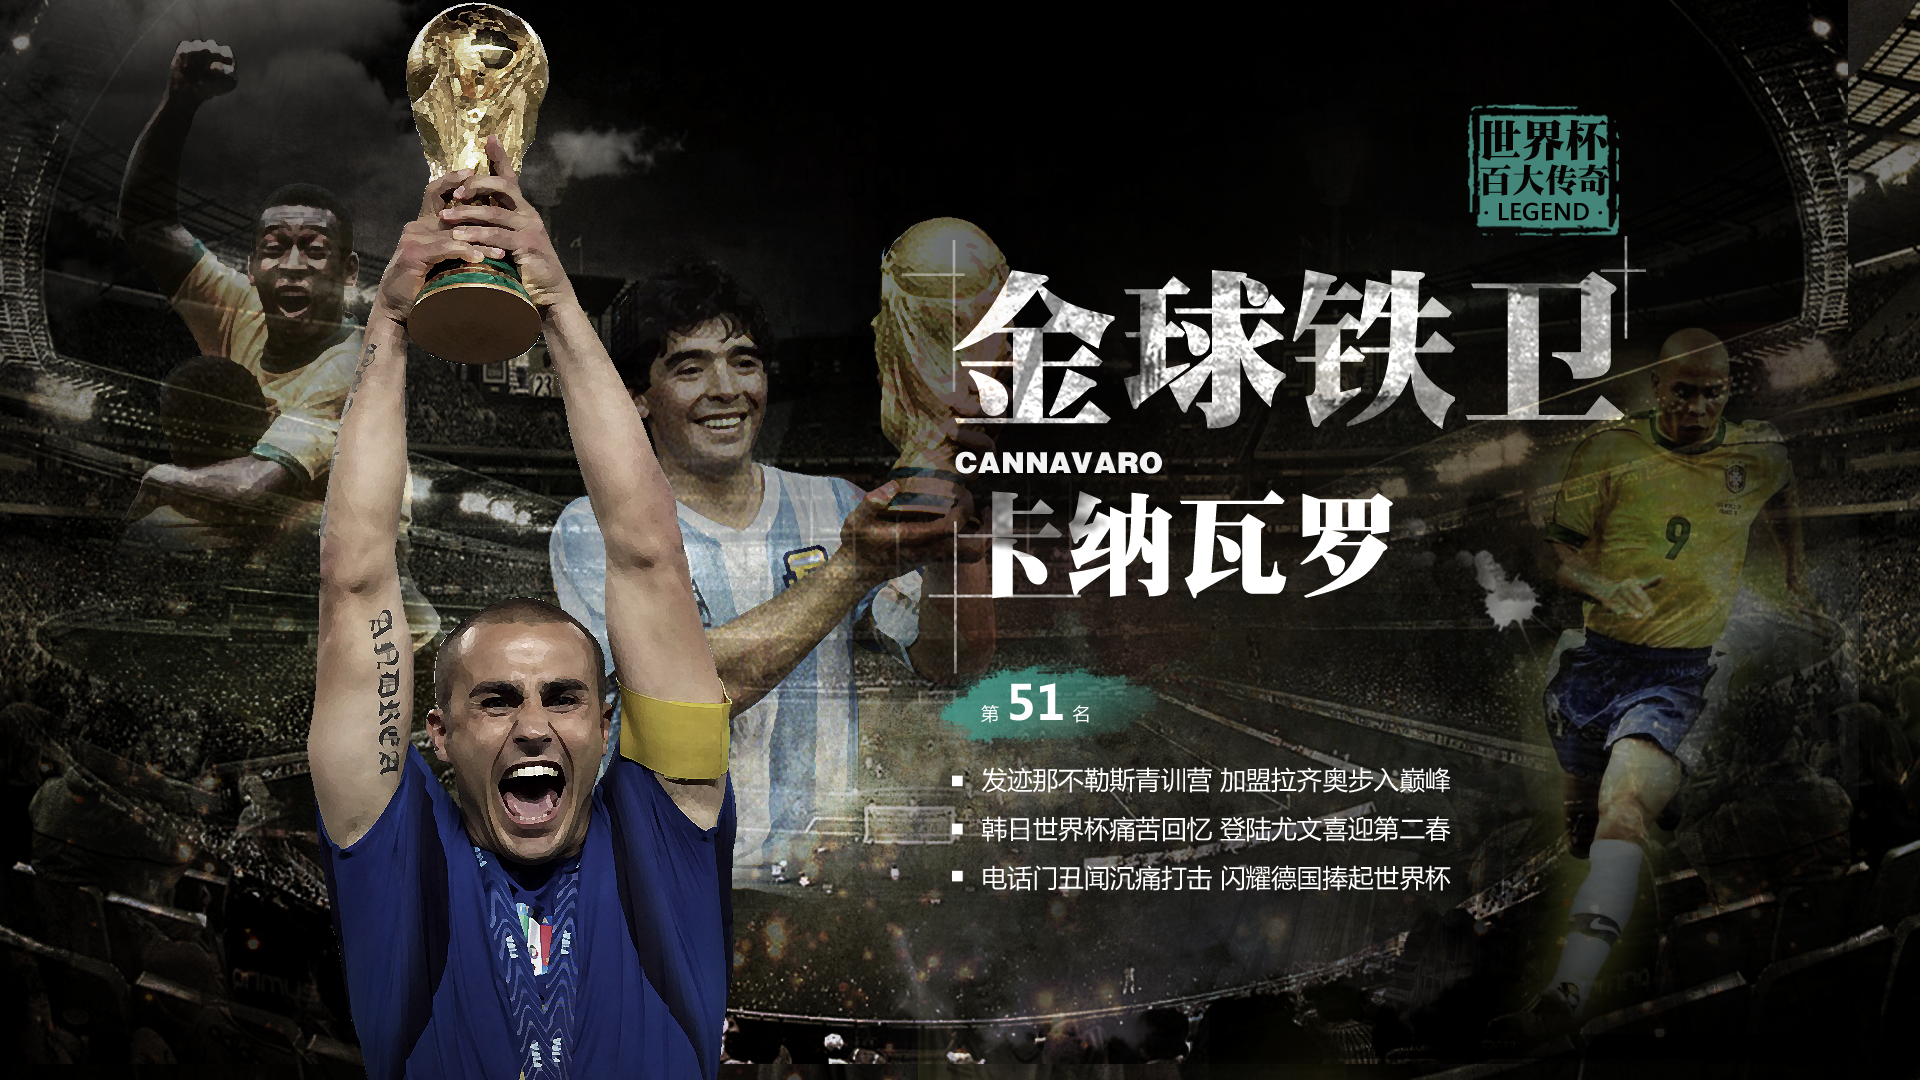 2014世界杯fifa排名_世界杯百大传奇NO.51:金球铁卫卡纳瓦罗_巴西世界杯